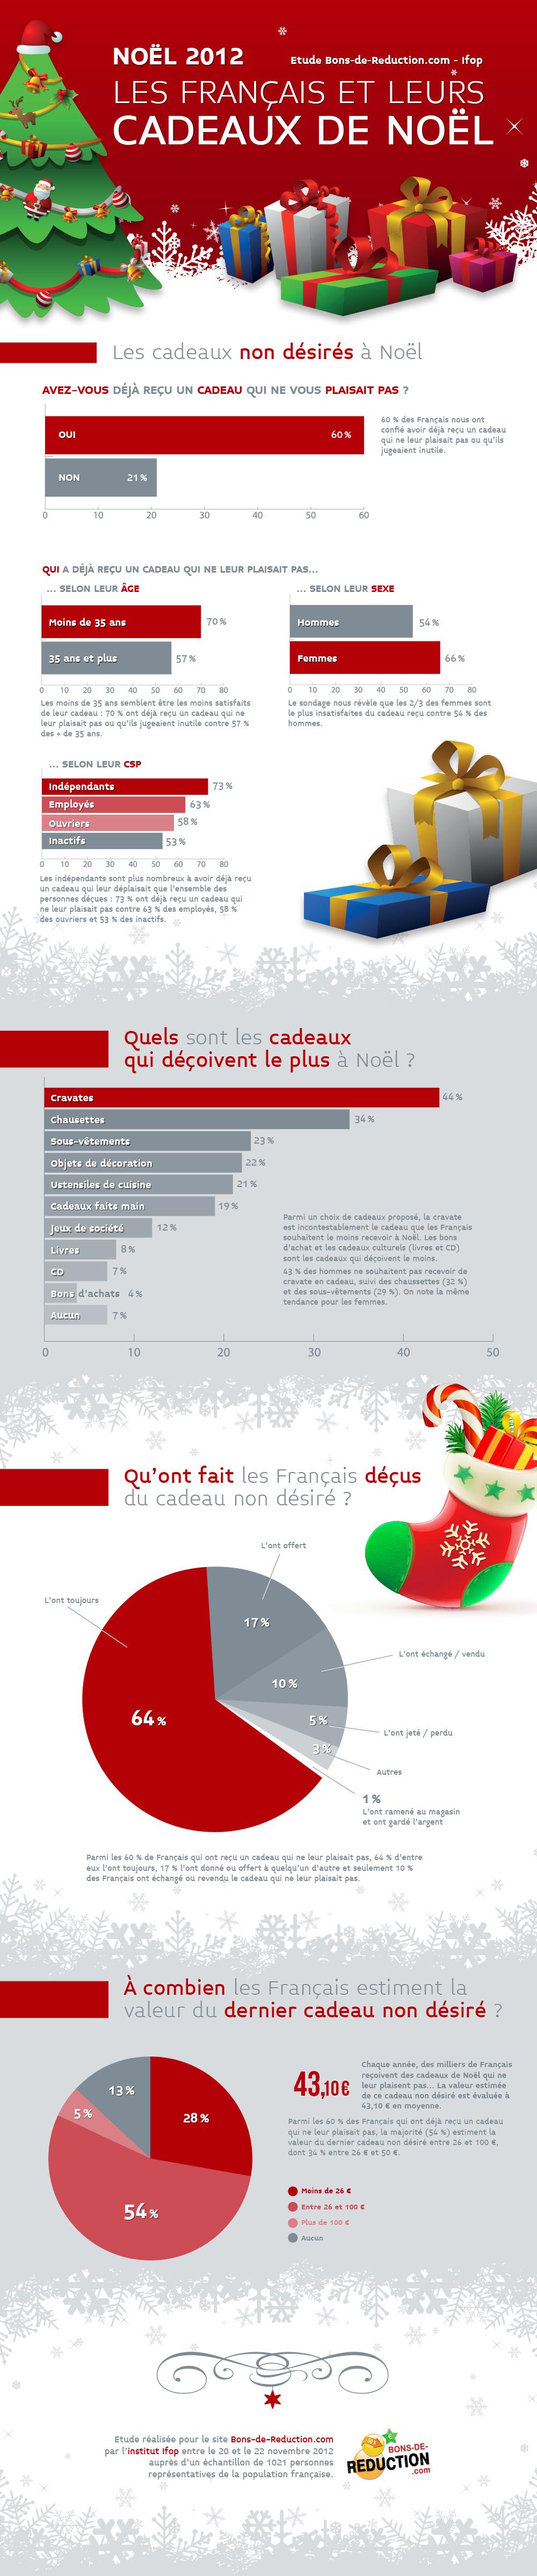 infographie_ecommerce_noel_2012_cadeaux